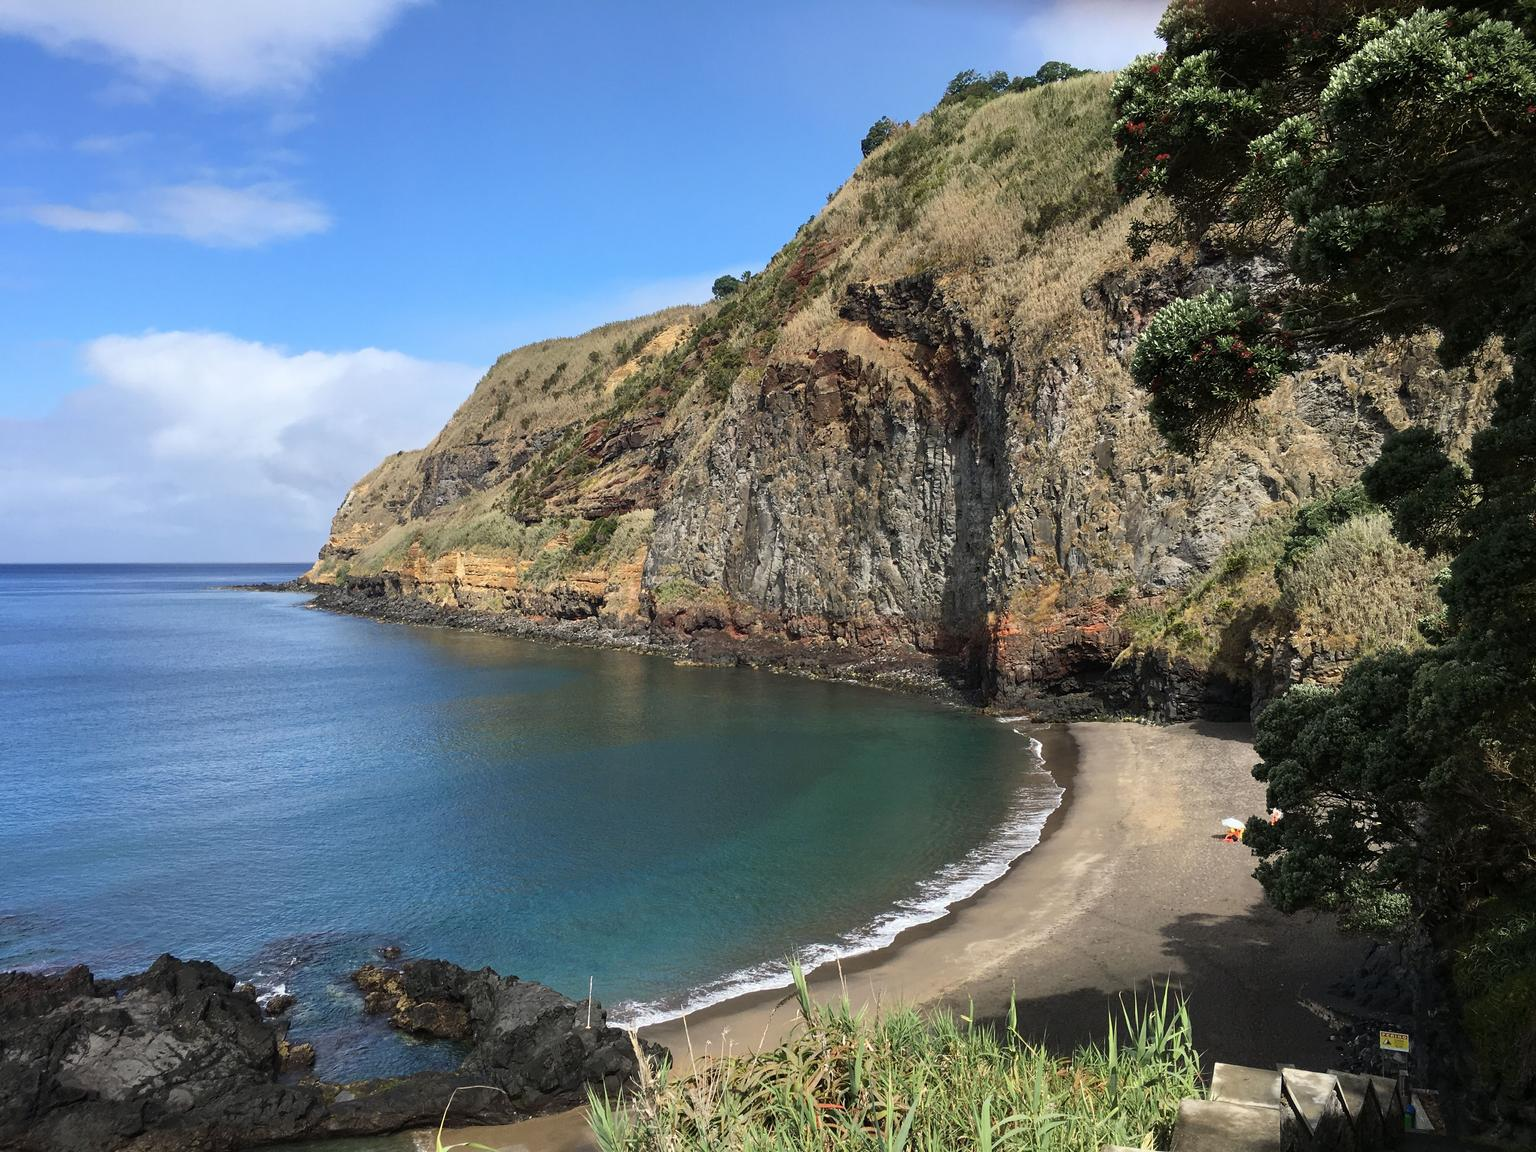 MÁS FOTOS, Recorrido privado de 8 horas en vehículo 4x4 desde Ponta Delgada